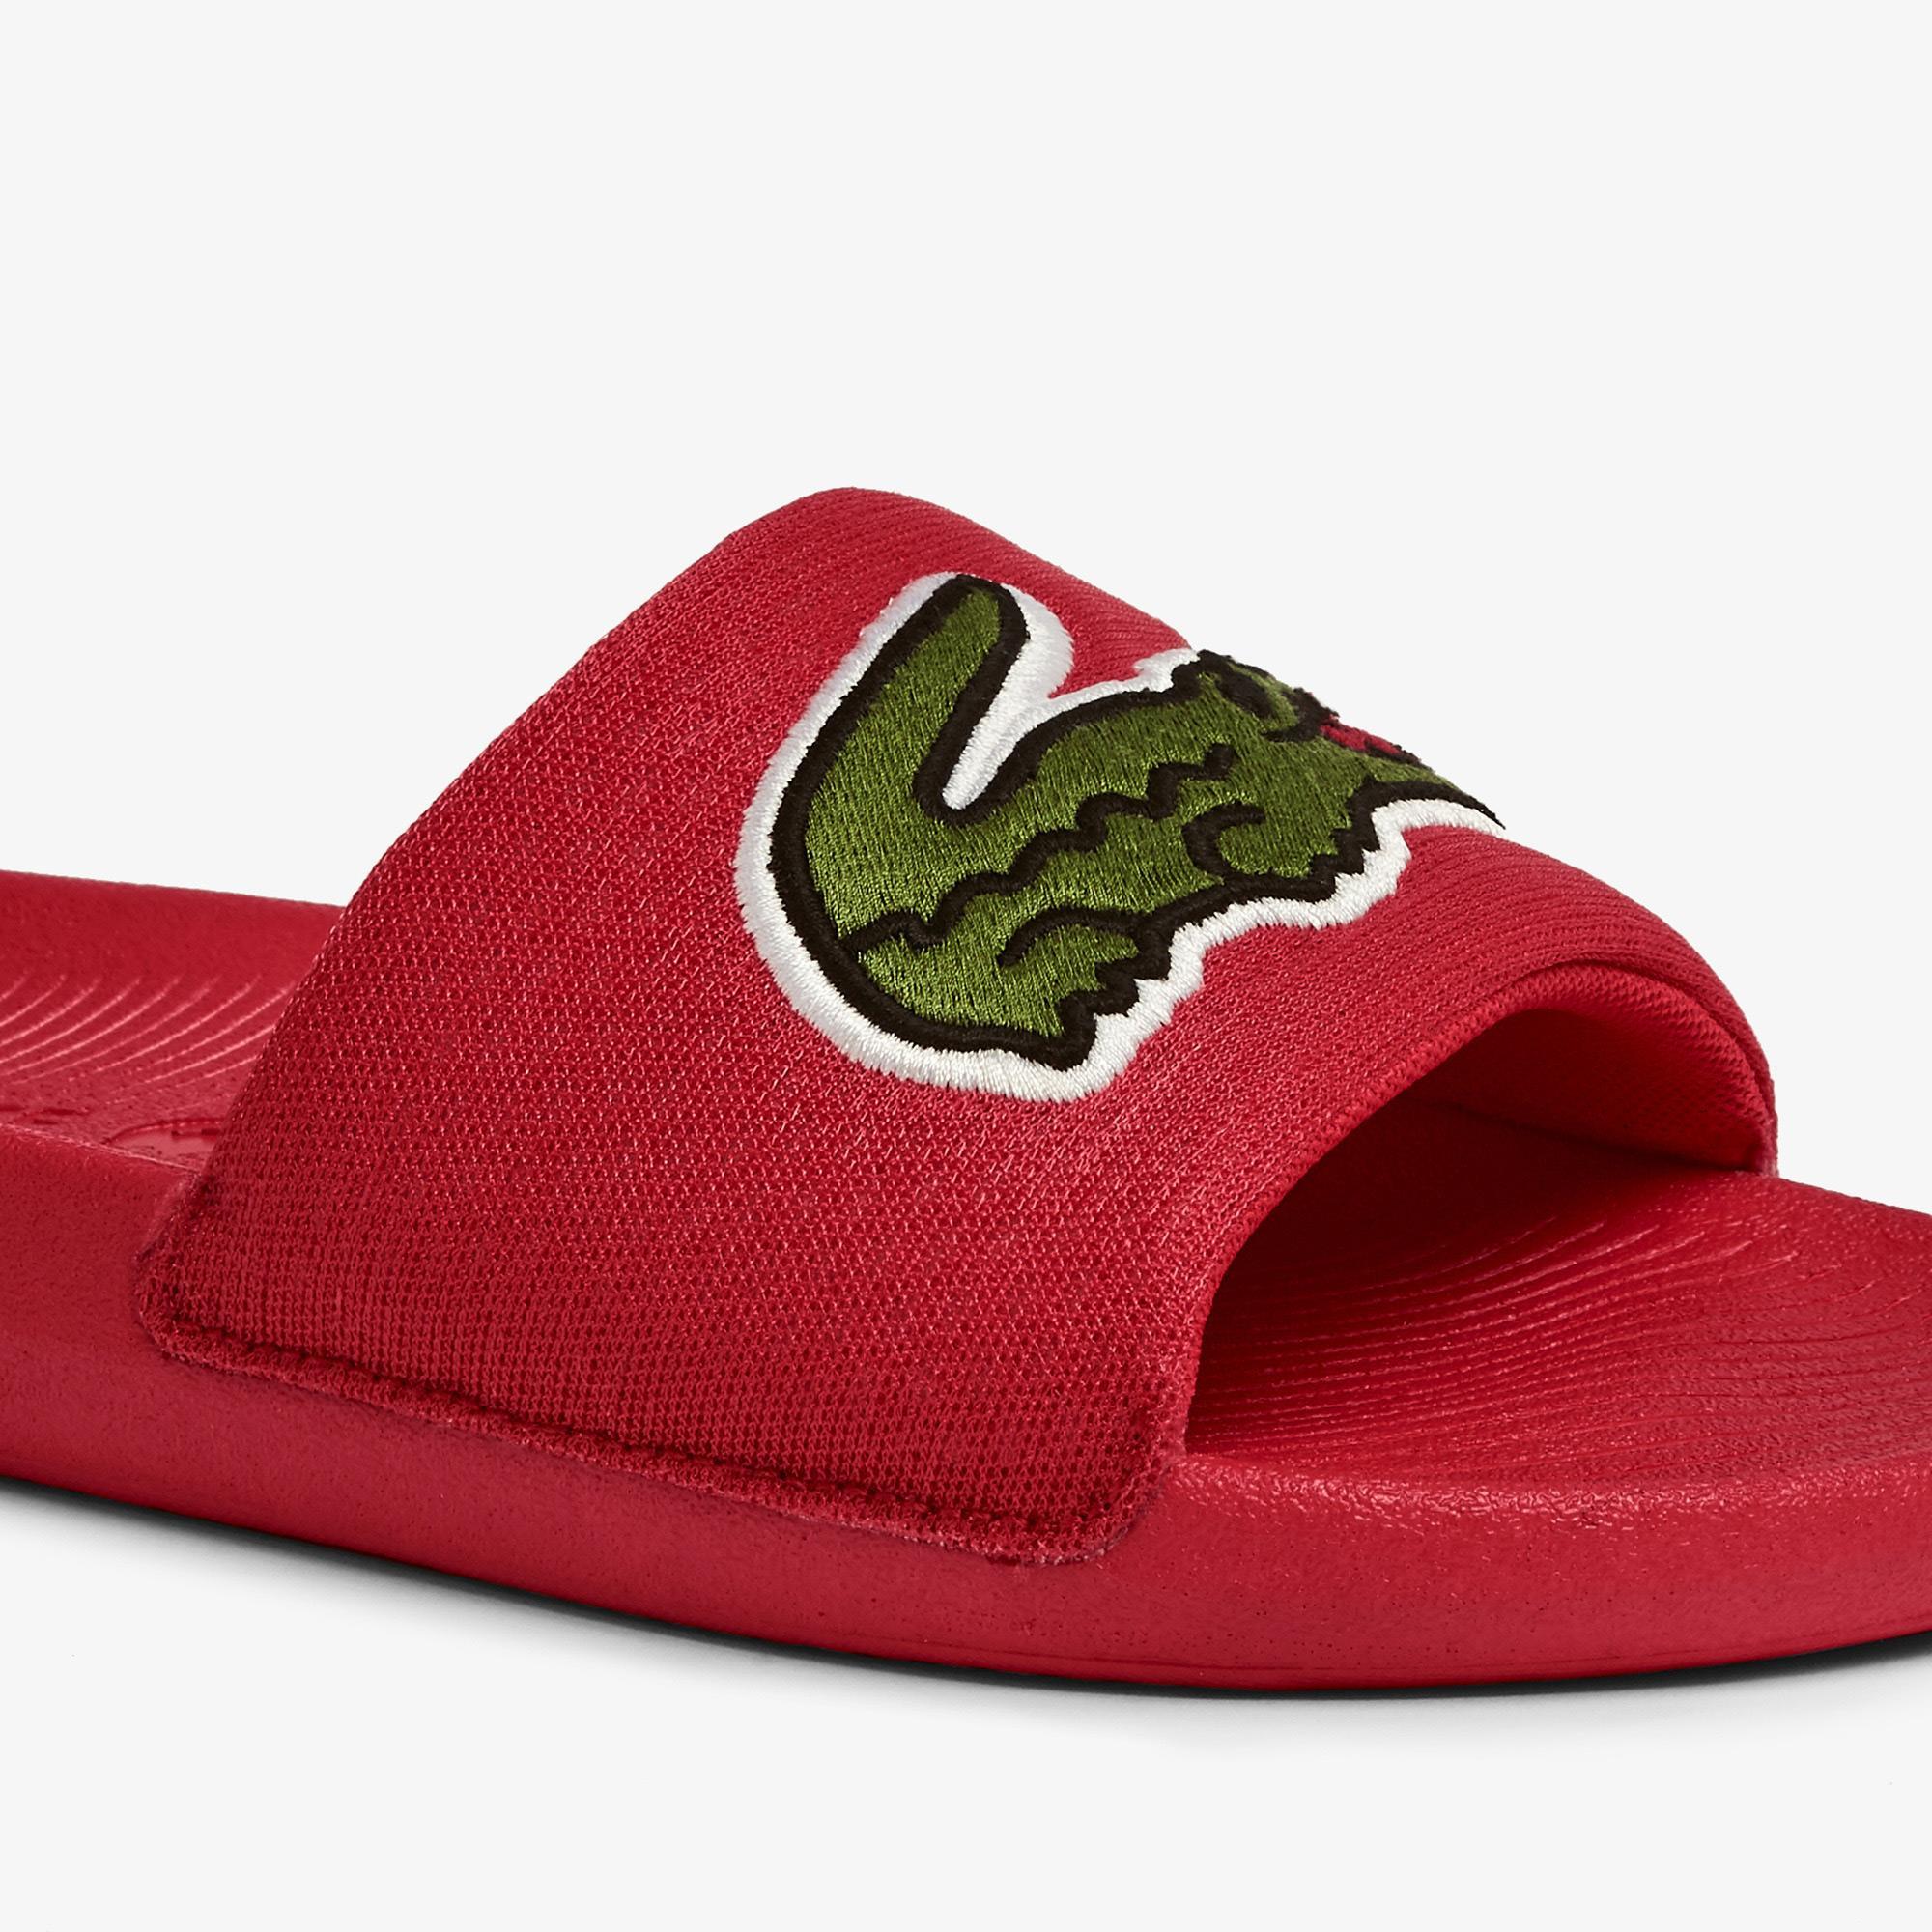 Lacoste Men's Croco Slıde 0921 1 Cma Shoes